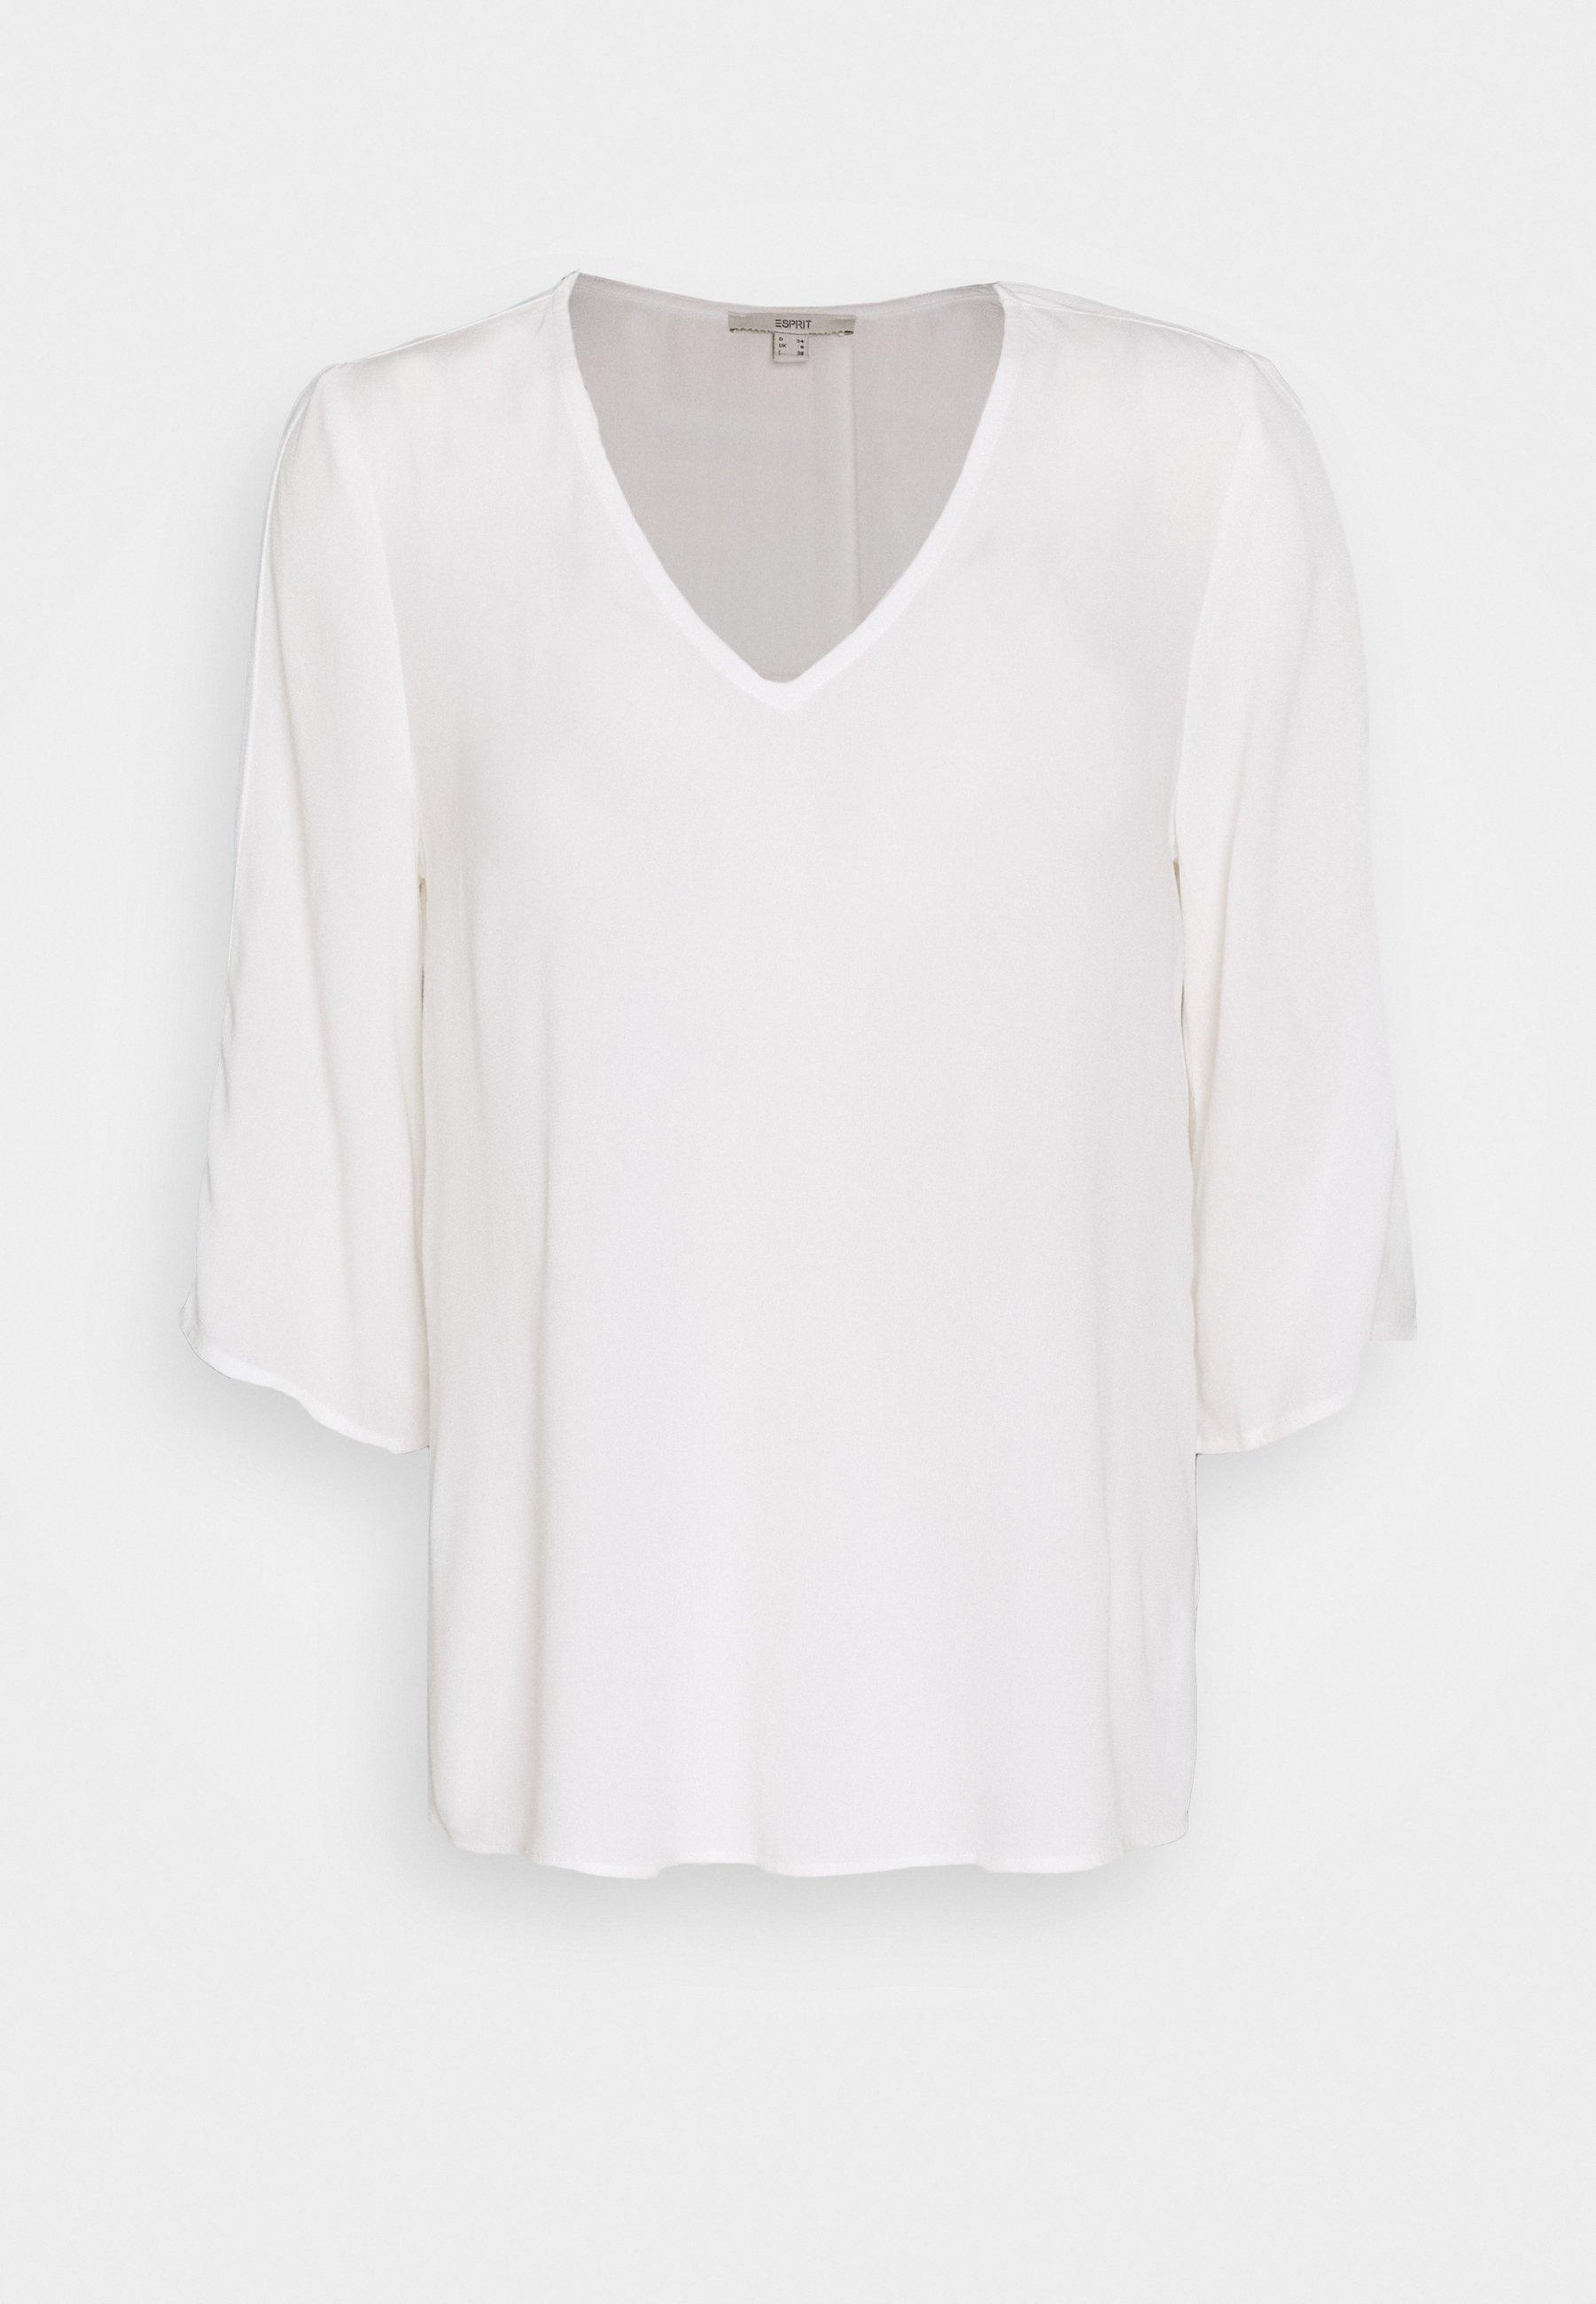 Esprit BLOUSE - Blouse - off white - Dameskleding Uniseks